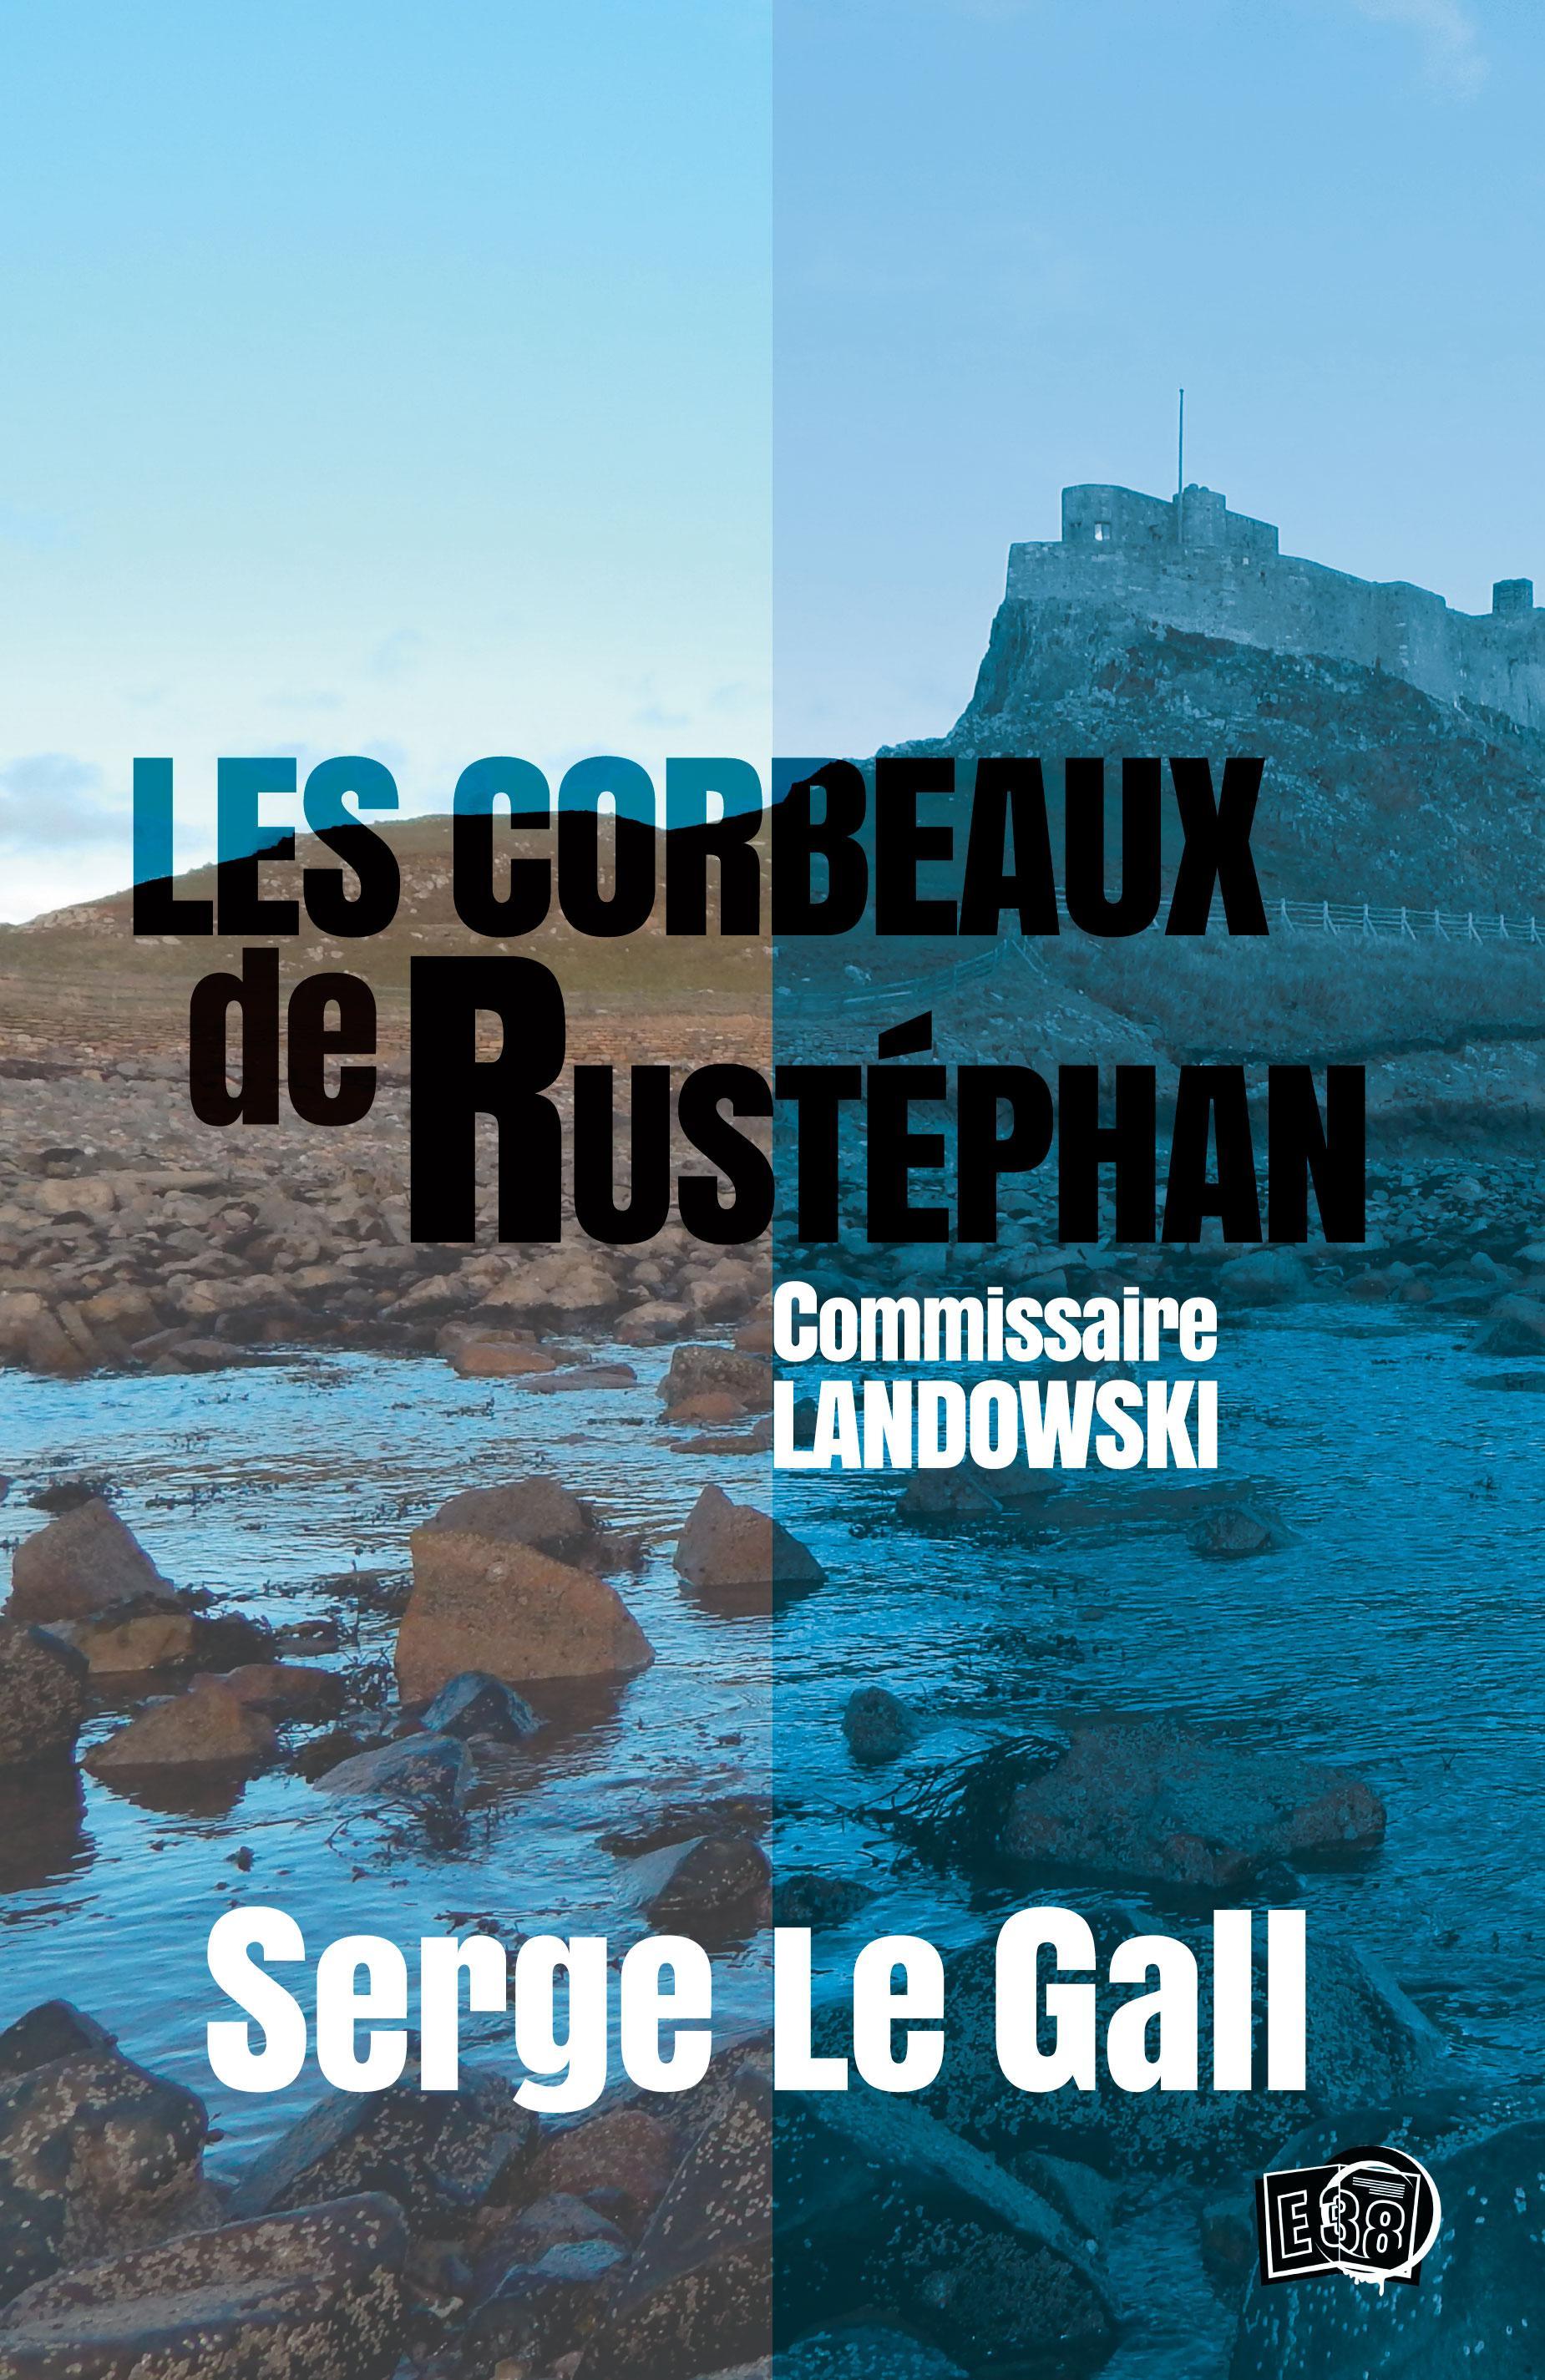 Les corbeaux de Rustéphan, COMMISSAIRE LANDOWSKI